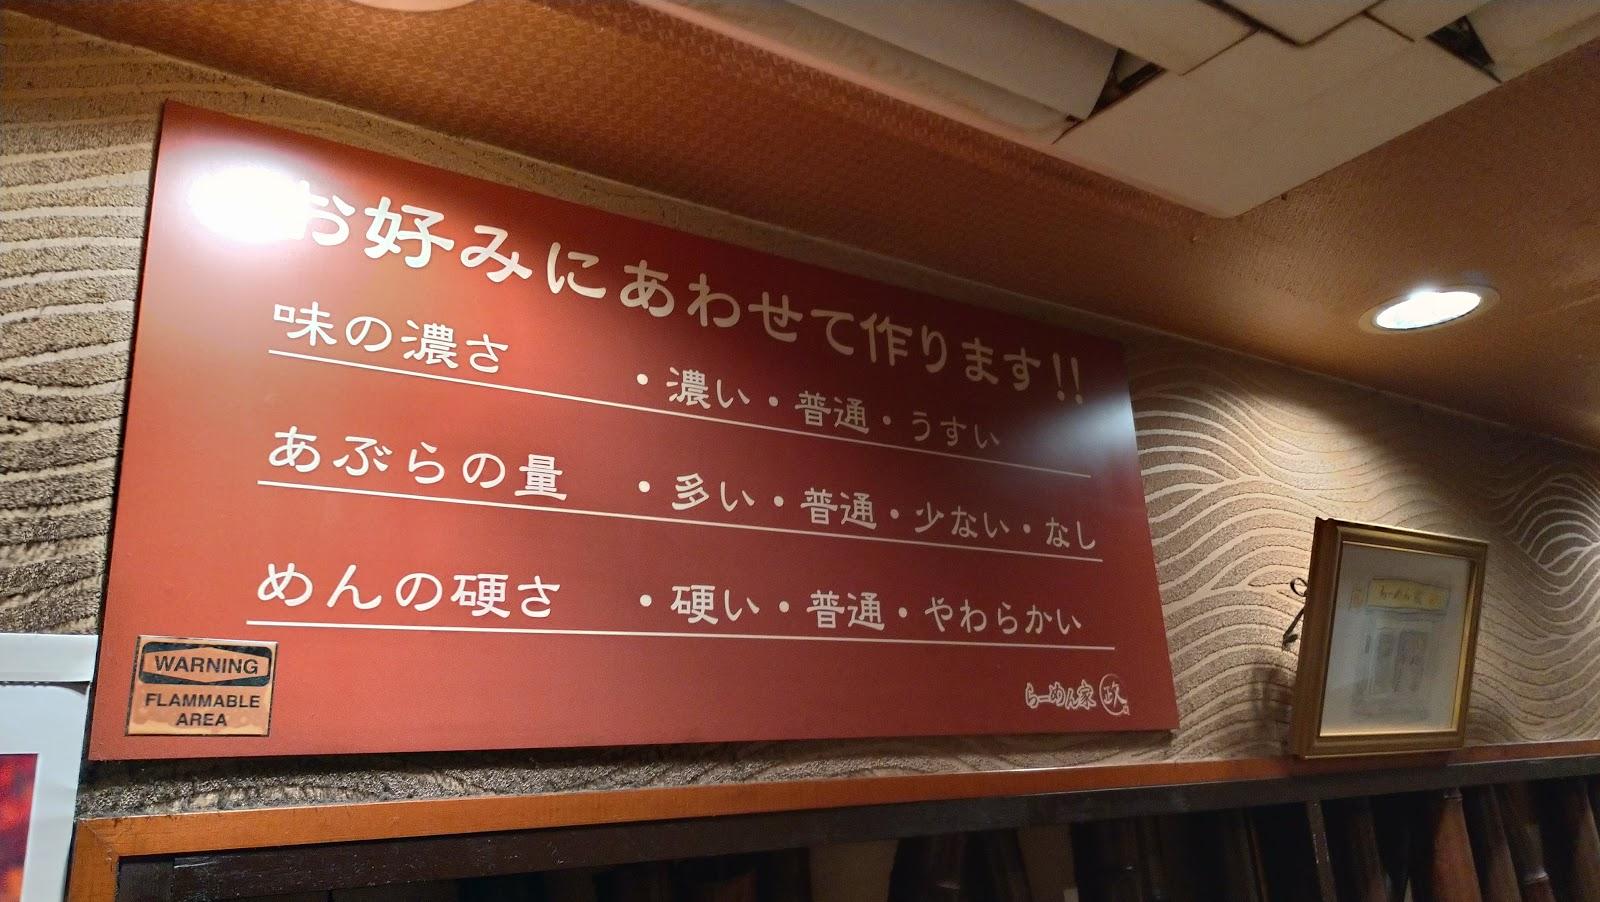 長崎駅前おすすめらーめん屋をご案内!らーめん屋 政 おこのみの味